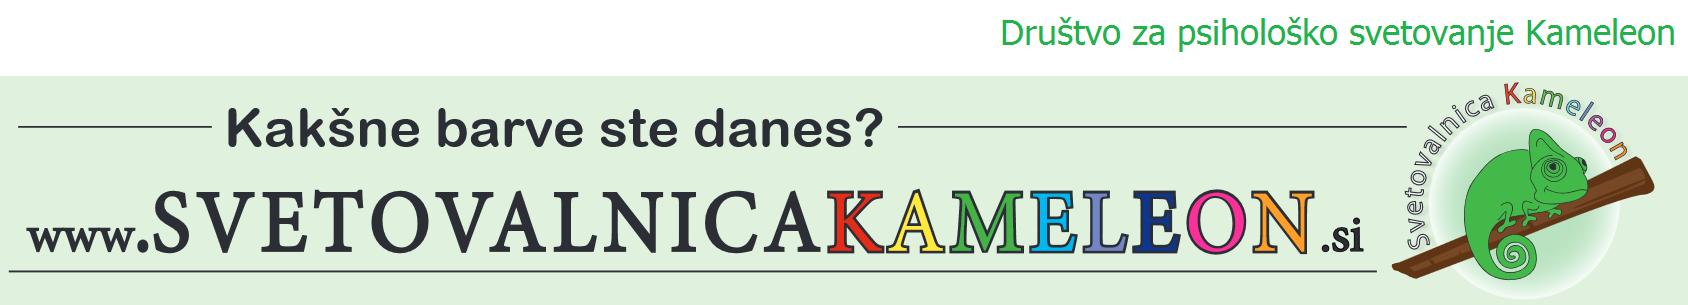 Psihološka svetovalnica Kameleon logo